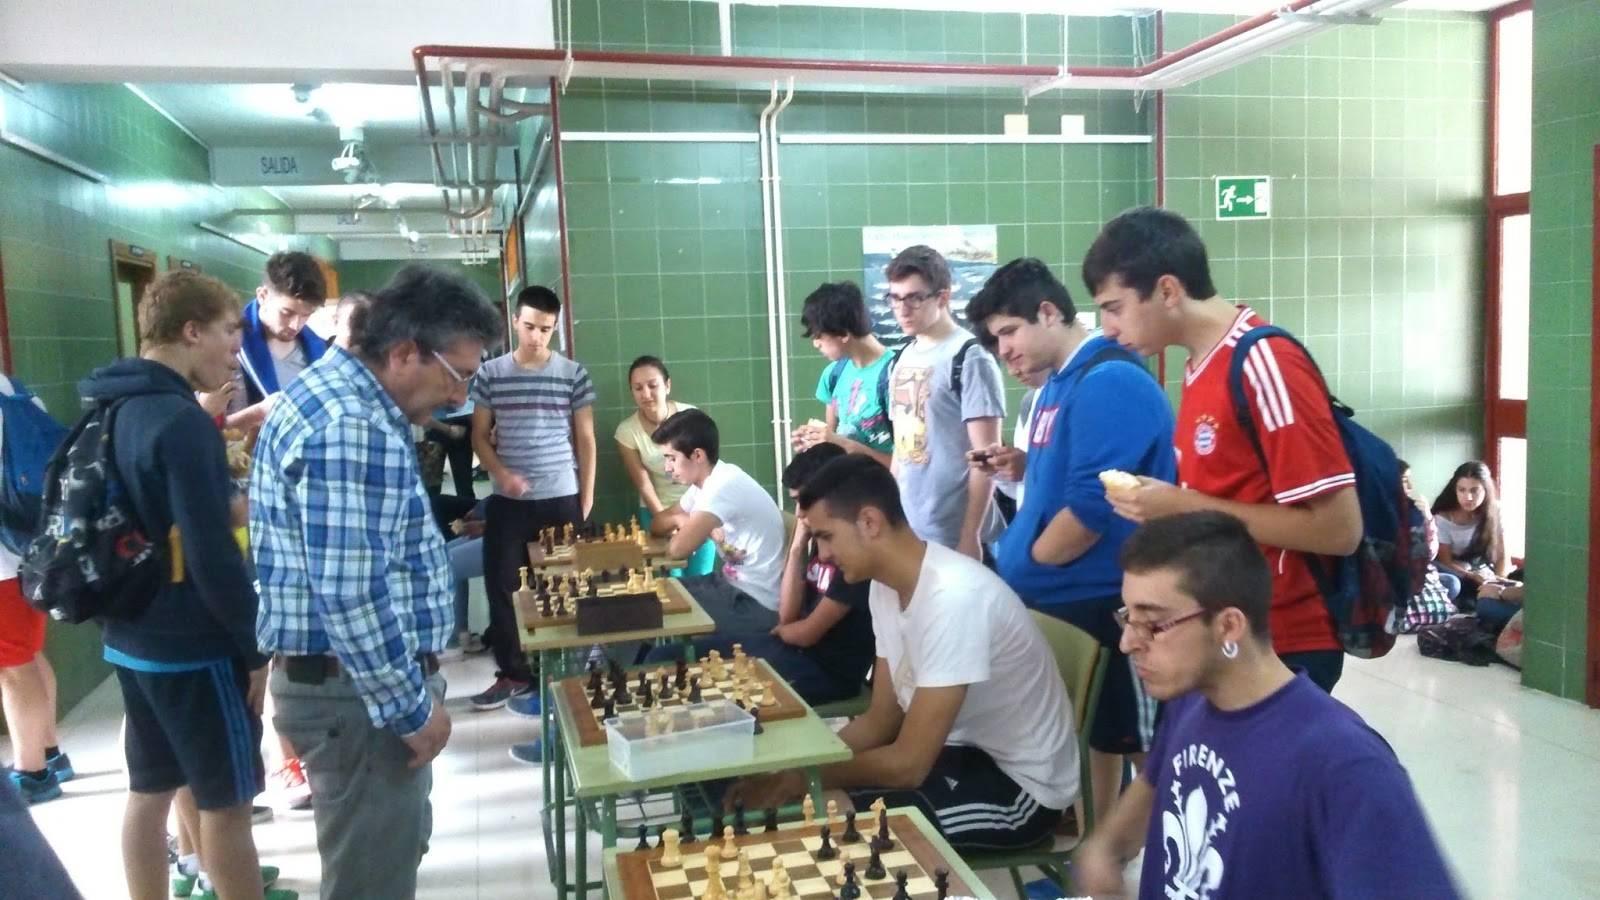 """Campeonato de ajedrez Anthropos 2015 - Santiago Ramírez es el vencedor del I Campeonato de Ajedrez """"Ánthropos"""""""